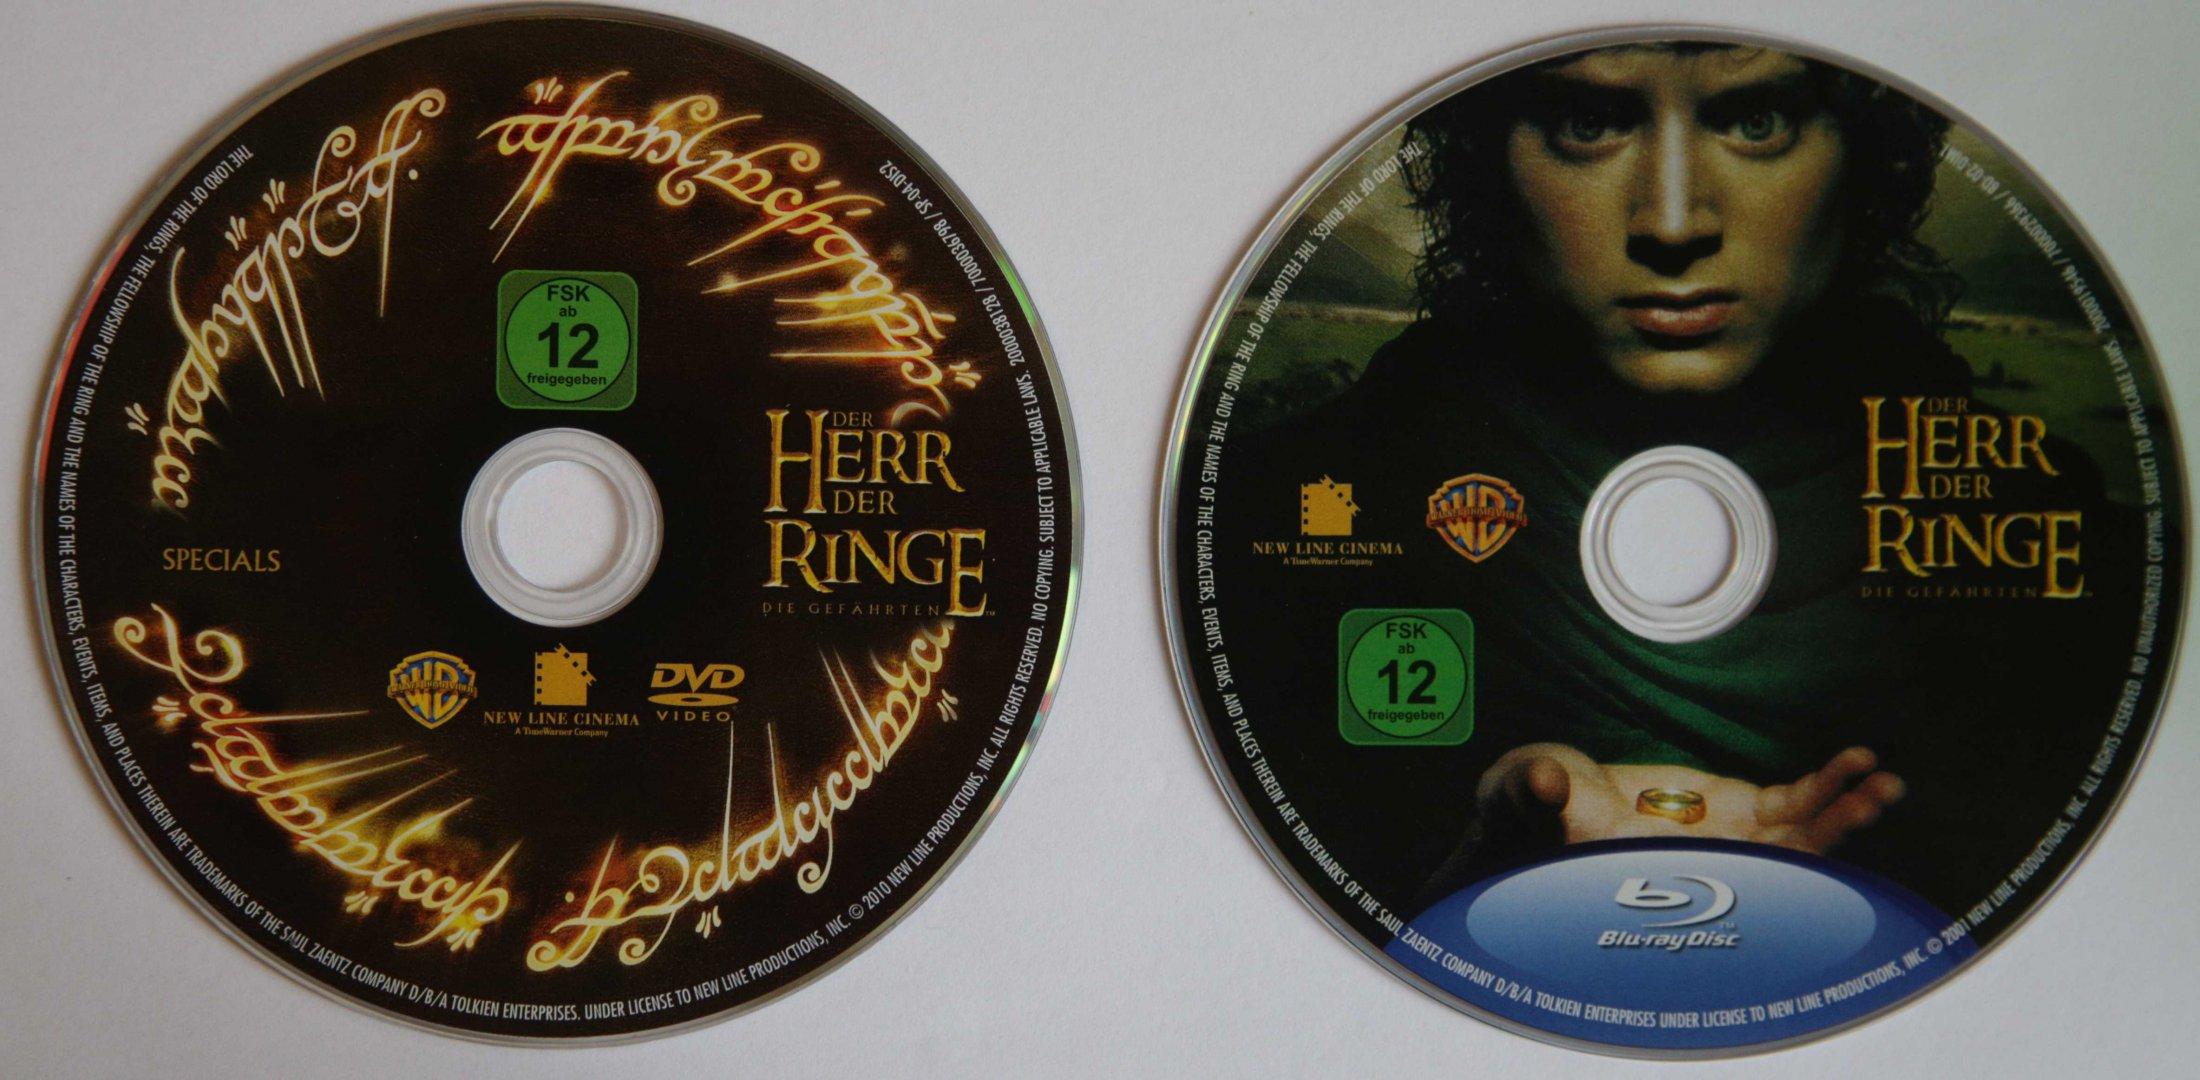 Der Herr der Ringe 1 Disks